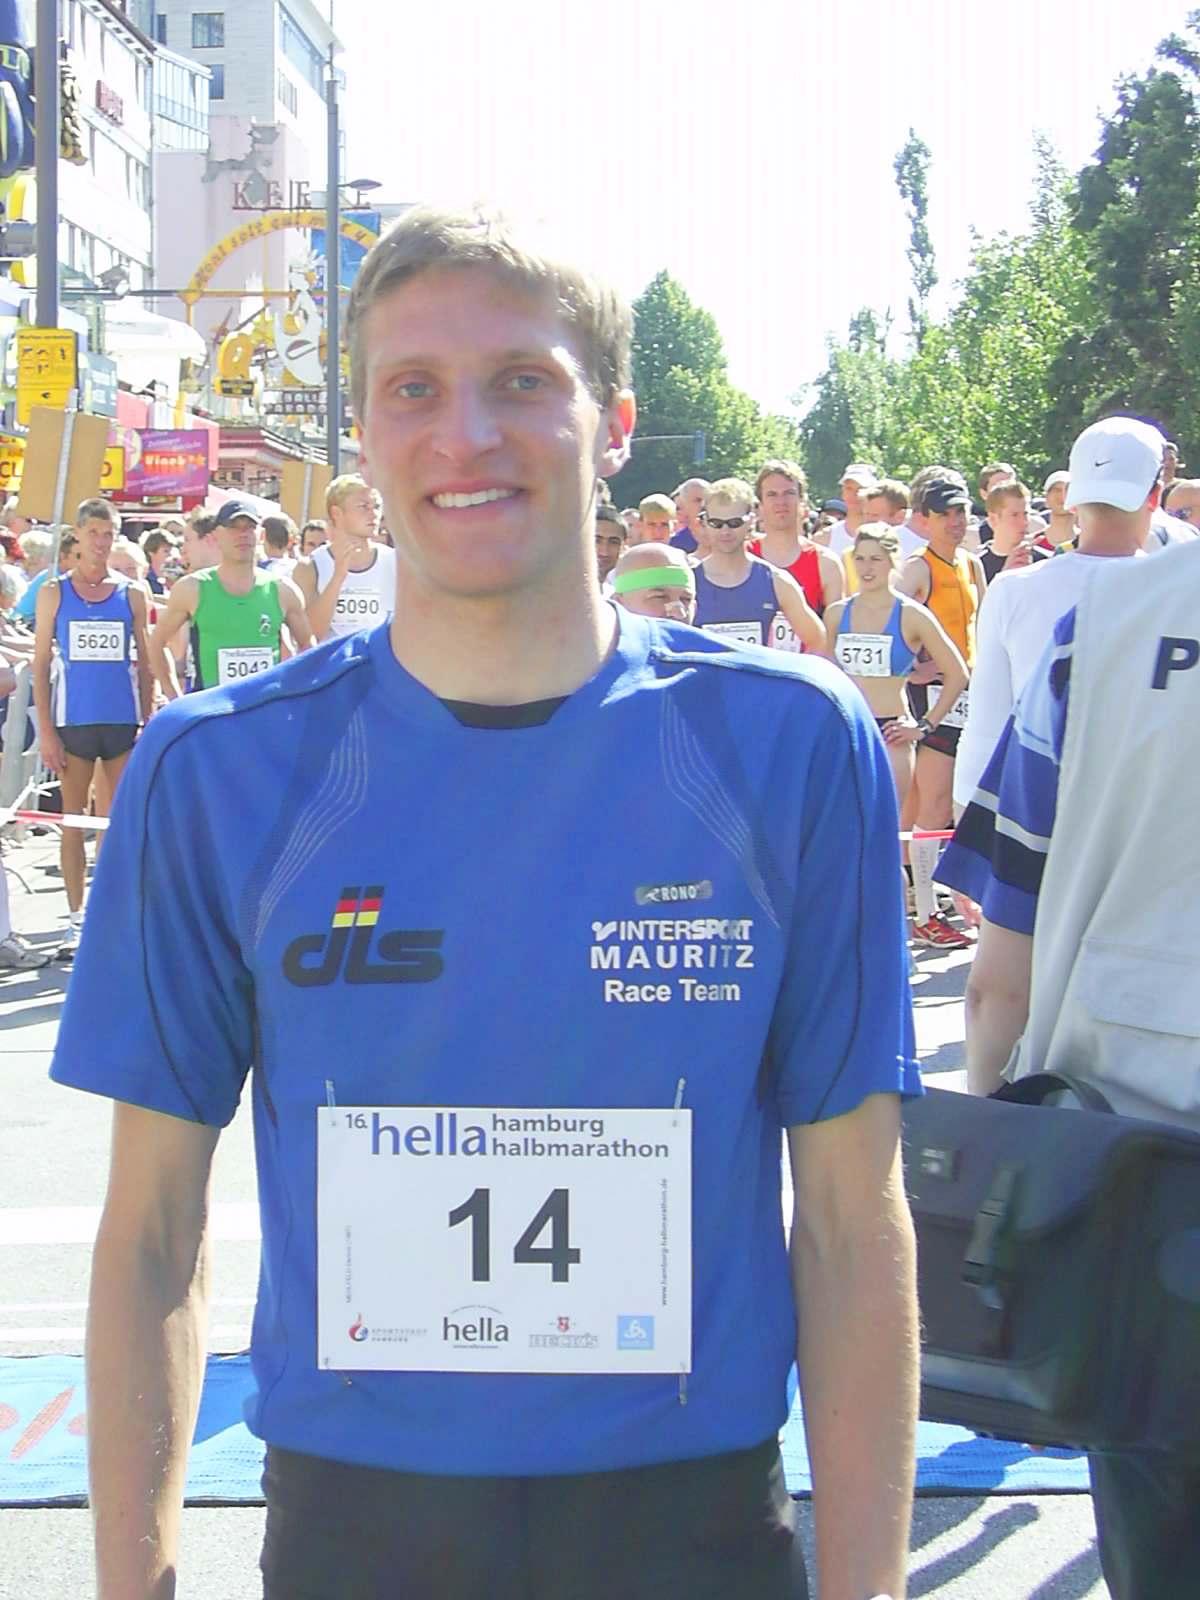 16. hella Halbmarathon 2010: Norddeutscher Lokalmatador Dennis Mehlfeld (Lübecker SC), wird 7.